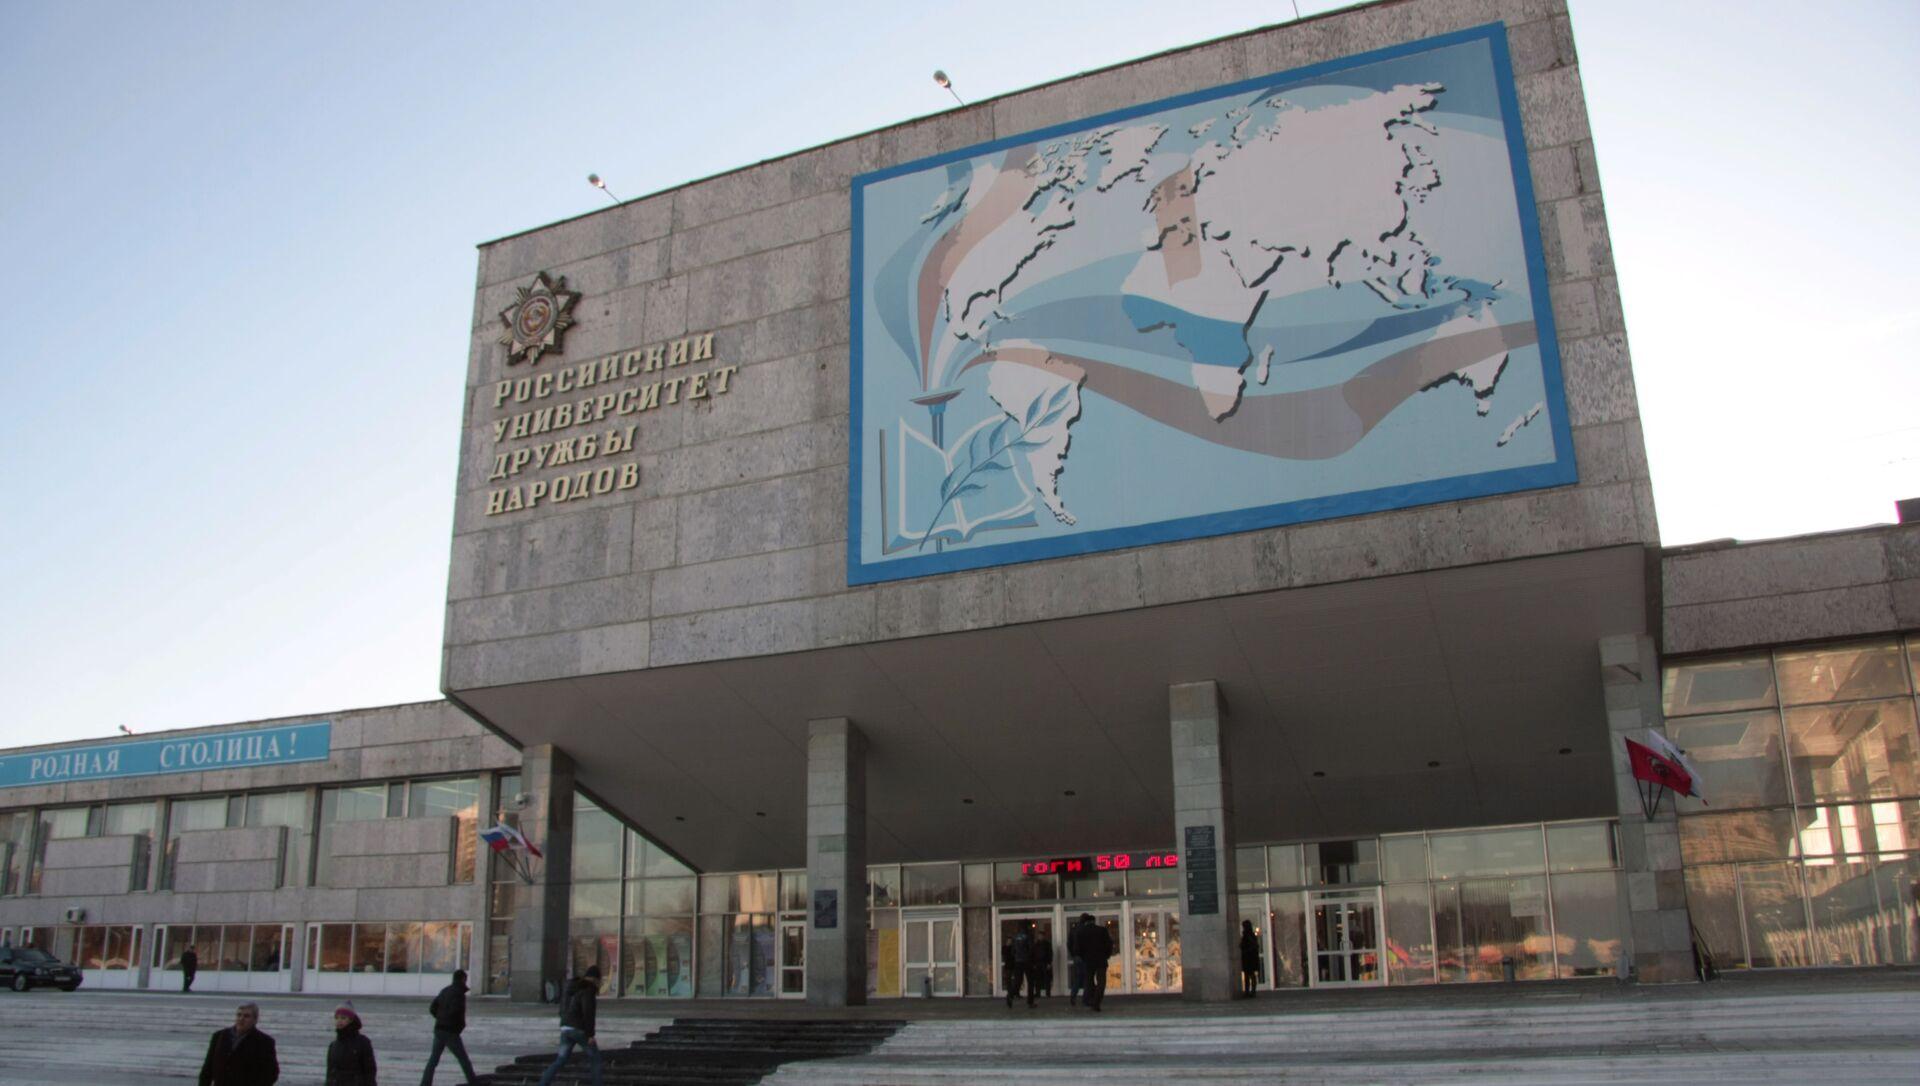 El edificio de la Universidad Rusa de la Amistad de los Pueblos (RUDN, por sus siglas en ruso) - Sputnik Mundo, 1920, 29.05.2020